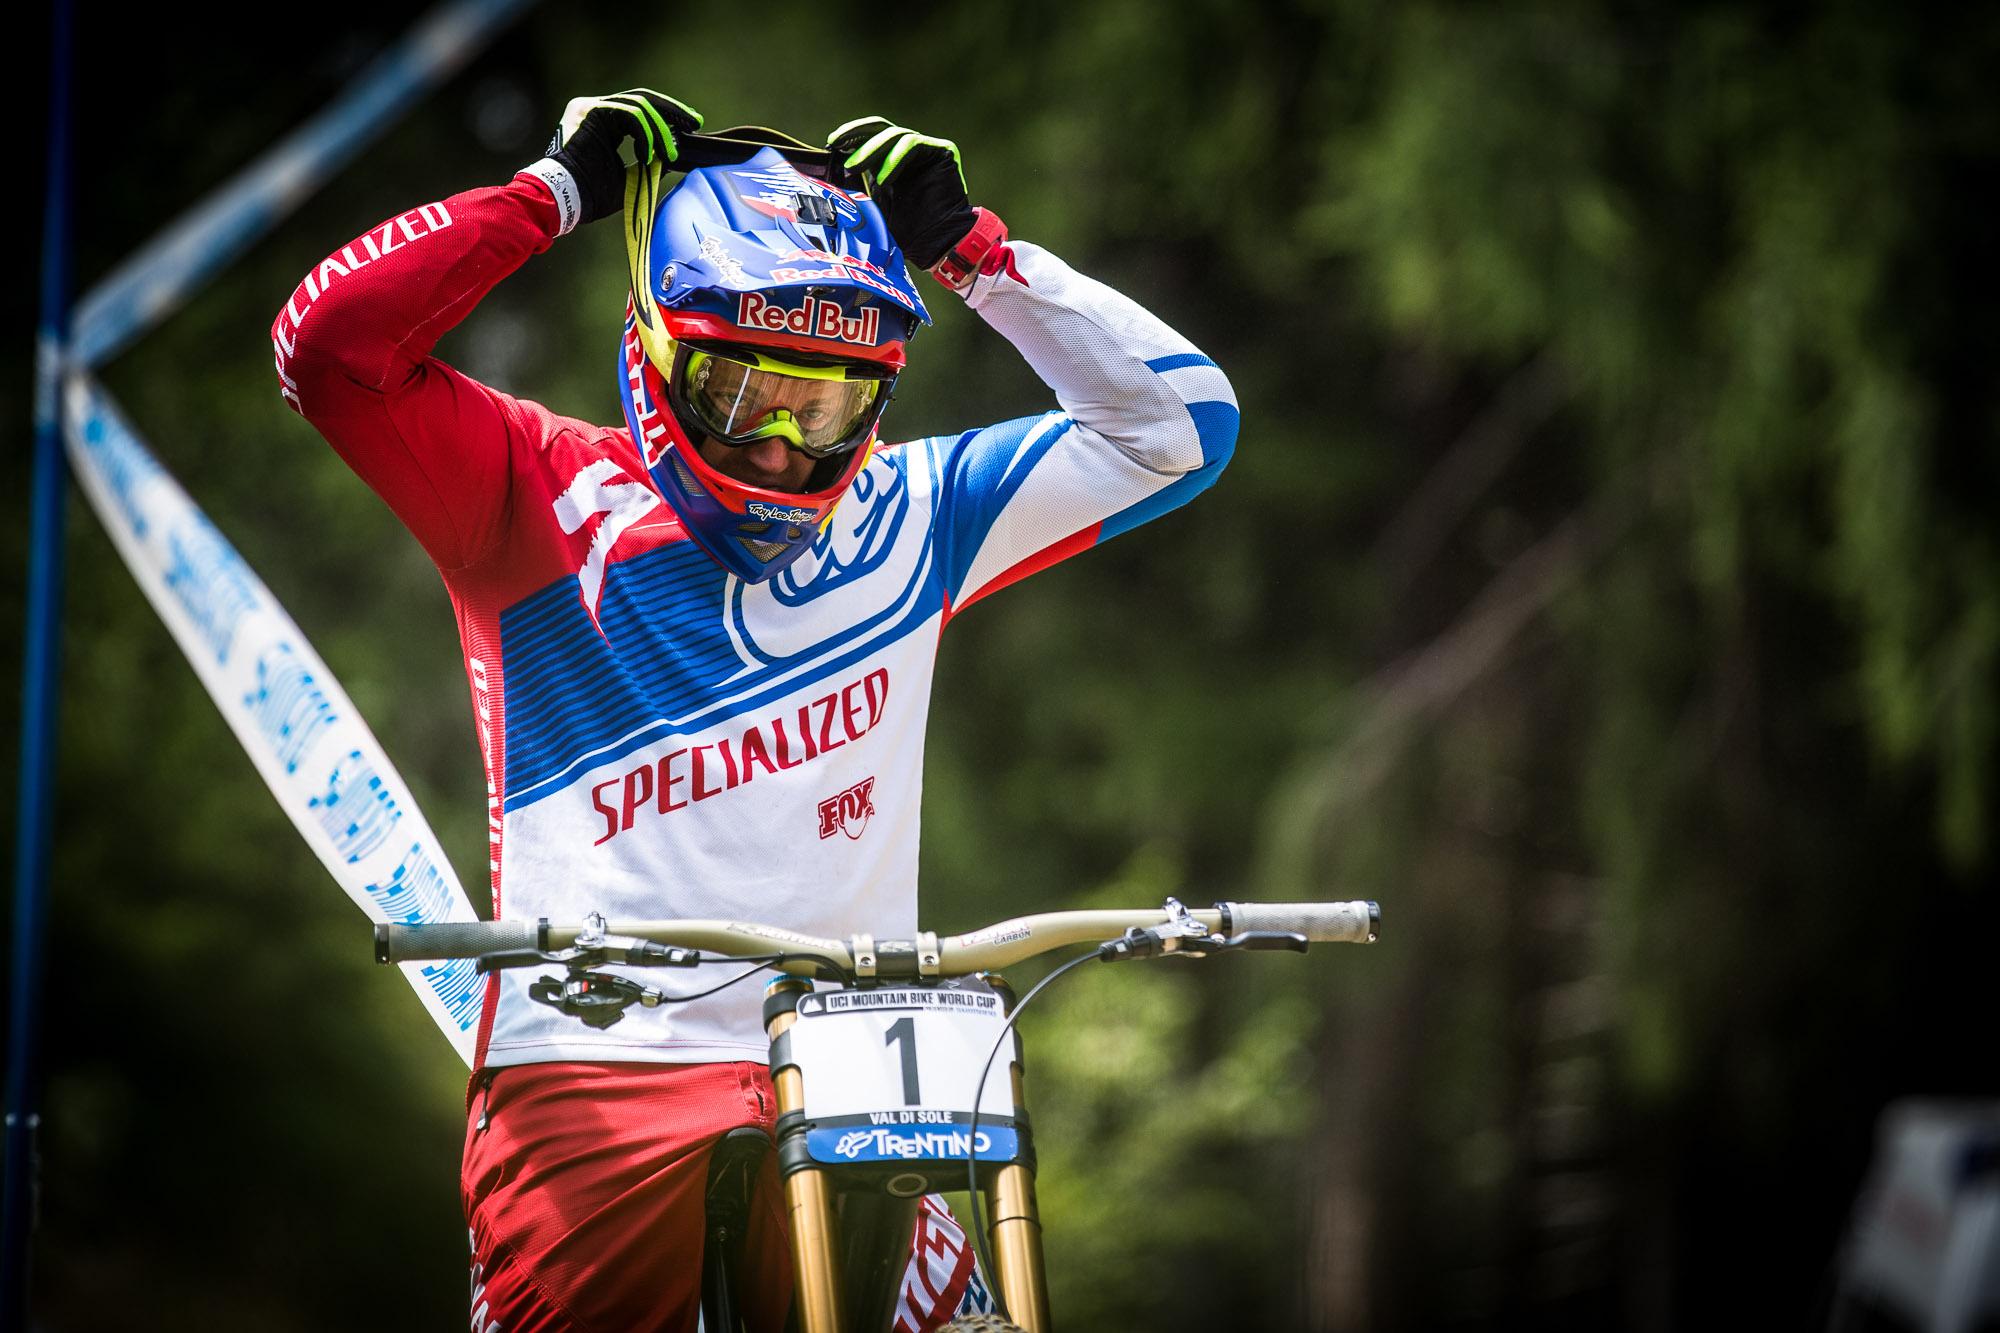 Wie hätte man dran zweifeln können! Aaron Gwin gewinnt das Rennen in Val di Sole und damit auch den World Cup 2015!